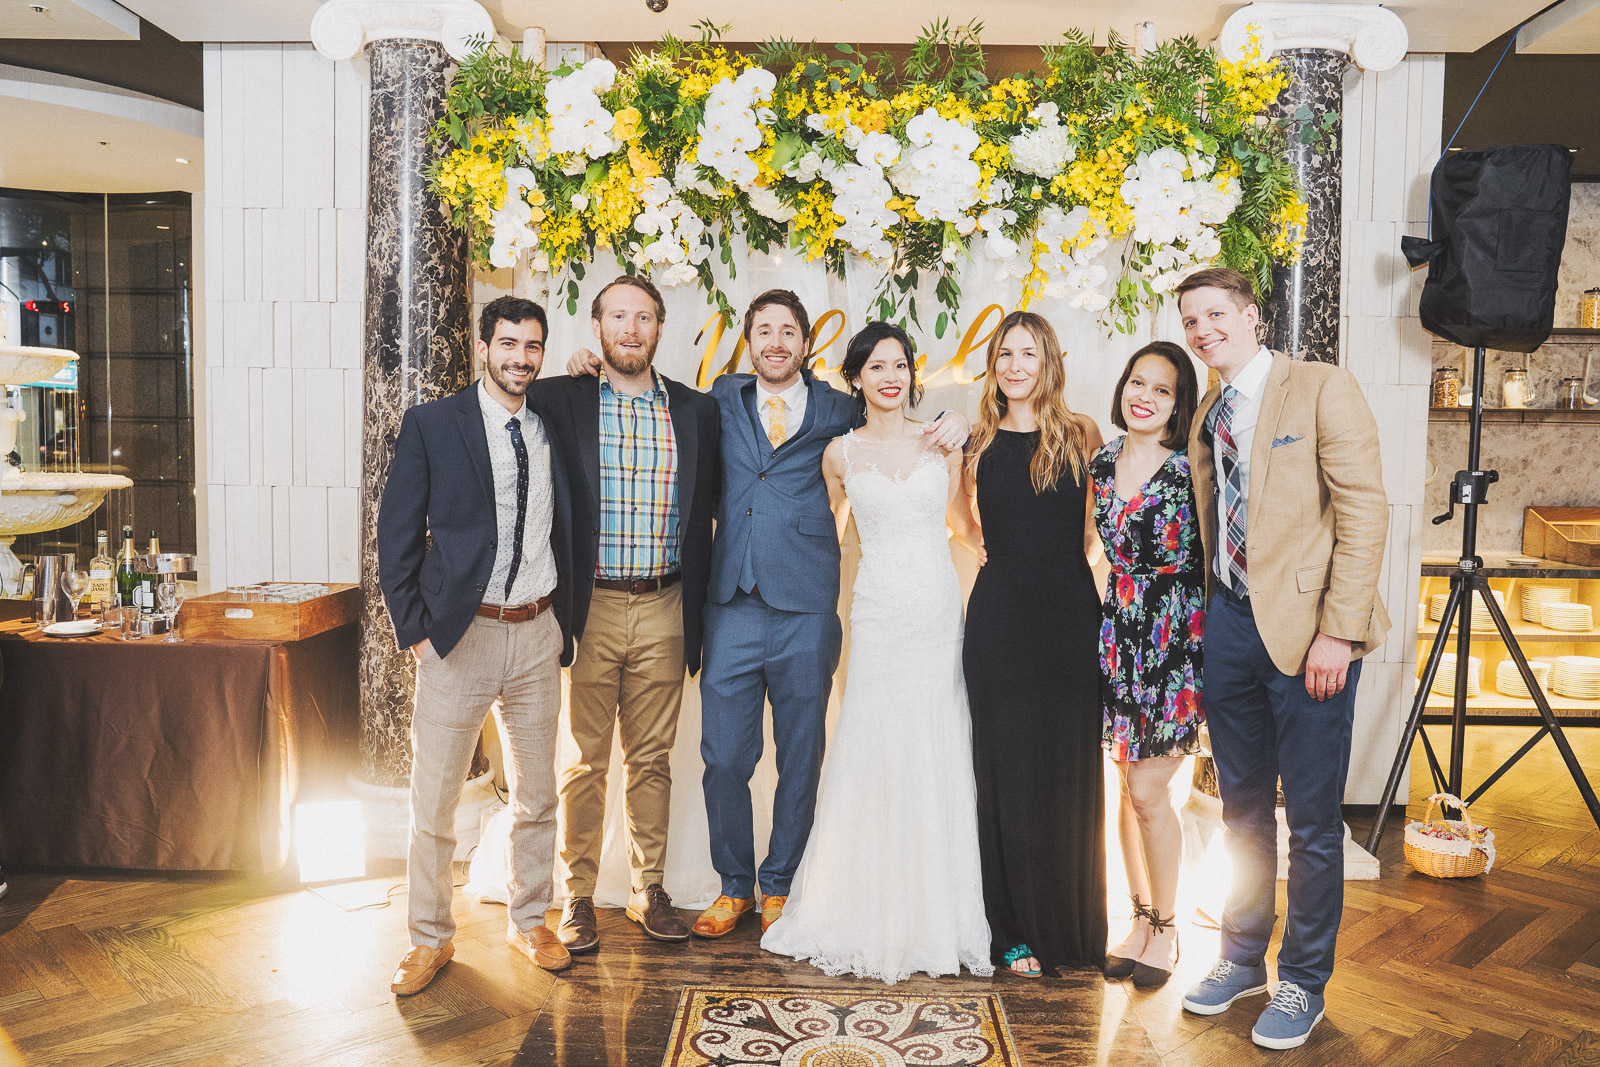 婚禮攝影全家福,美式婚禮